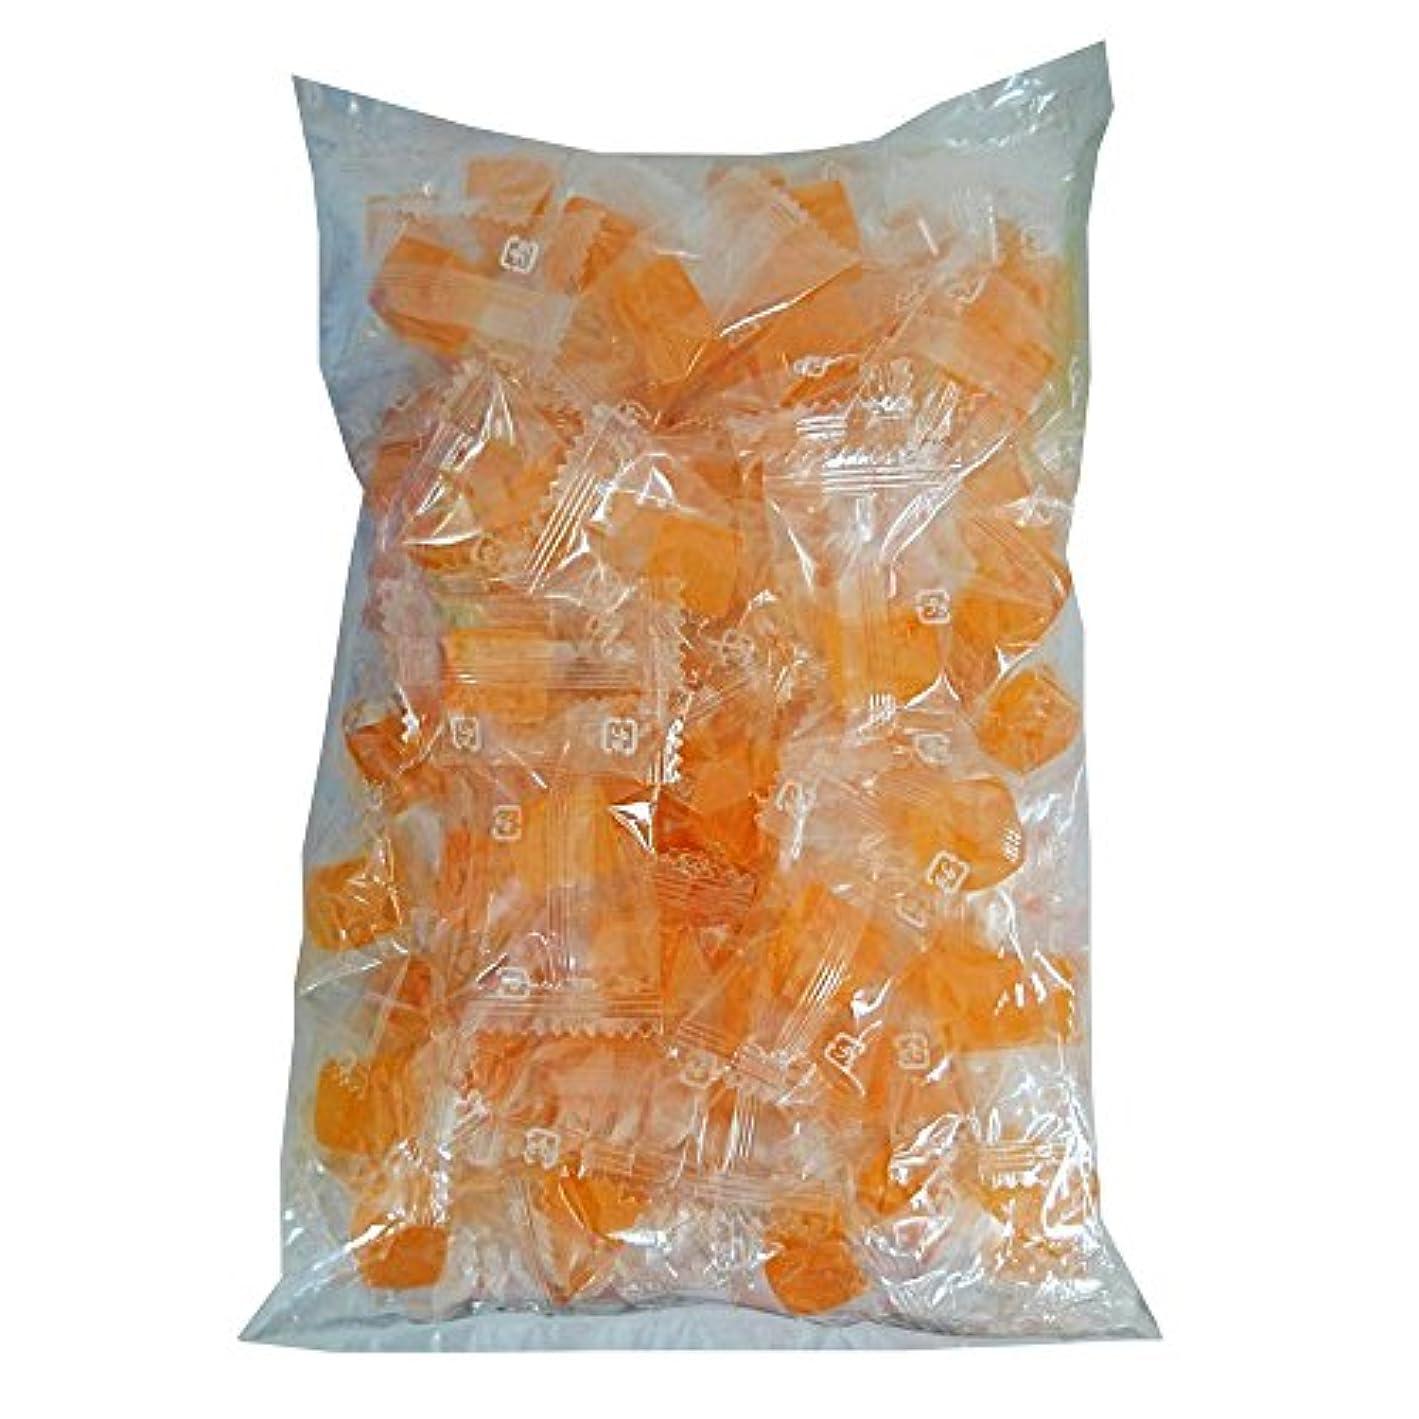 準備用心些細なみかんキシリトールグミ大袋100粒入